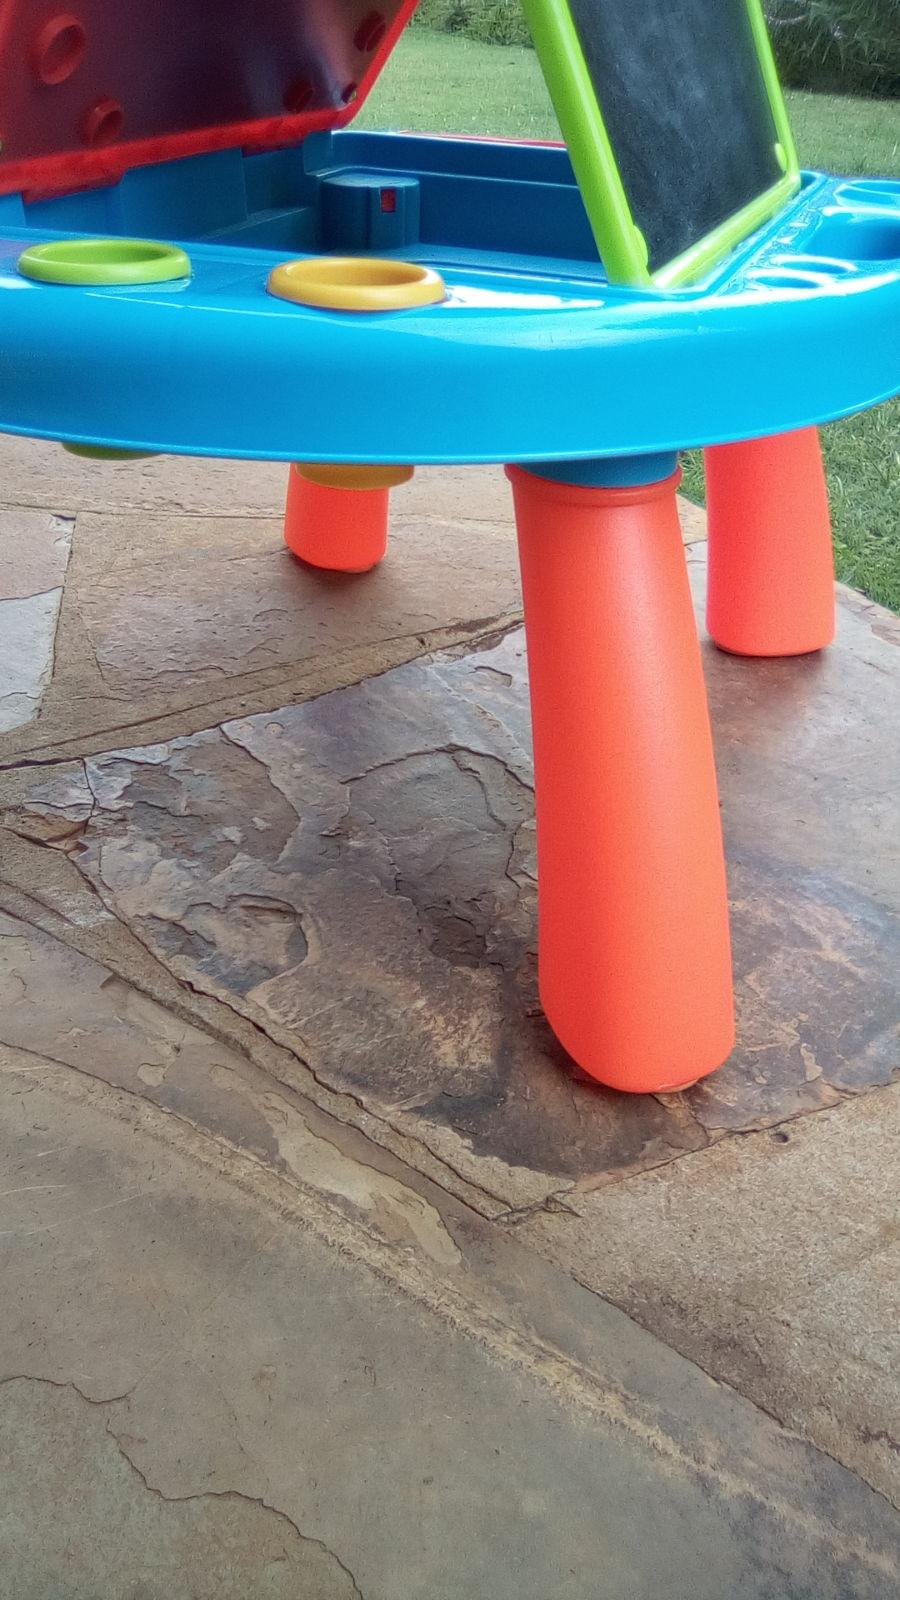 Toy table leg